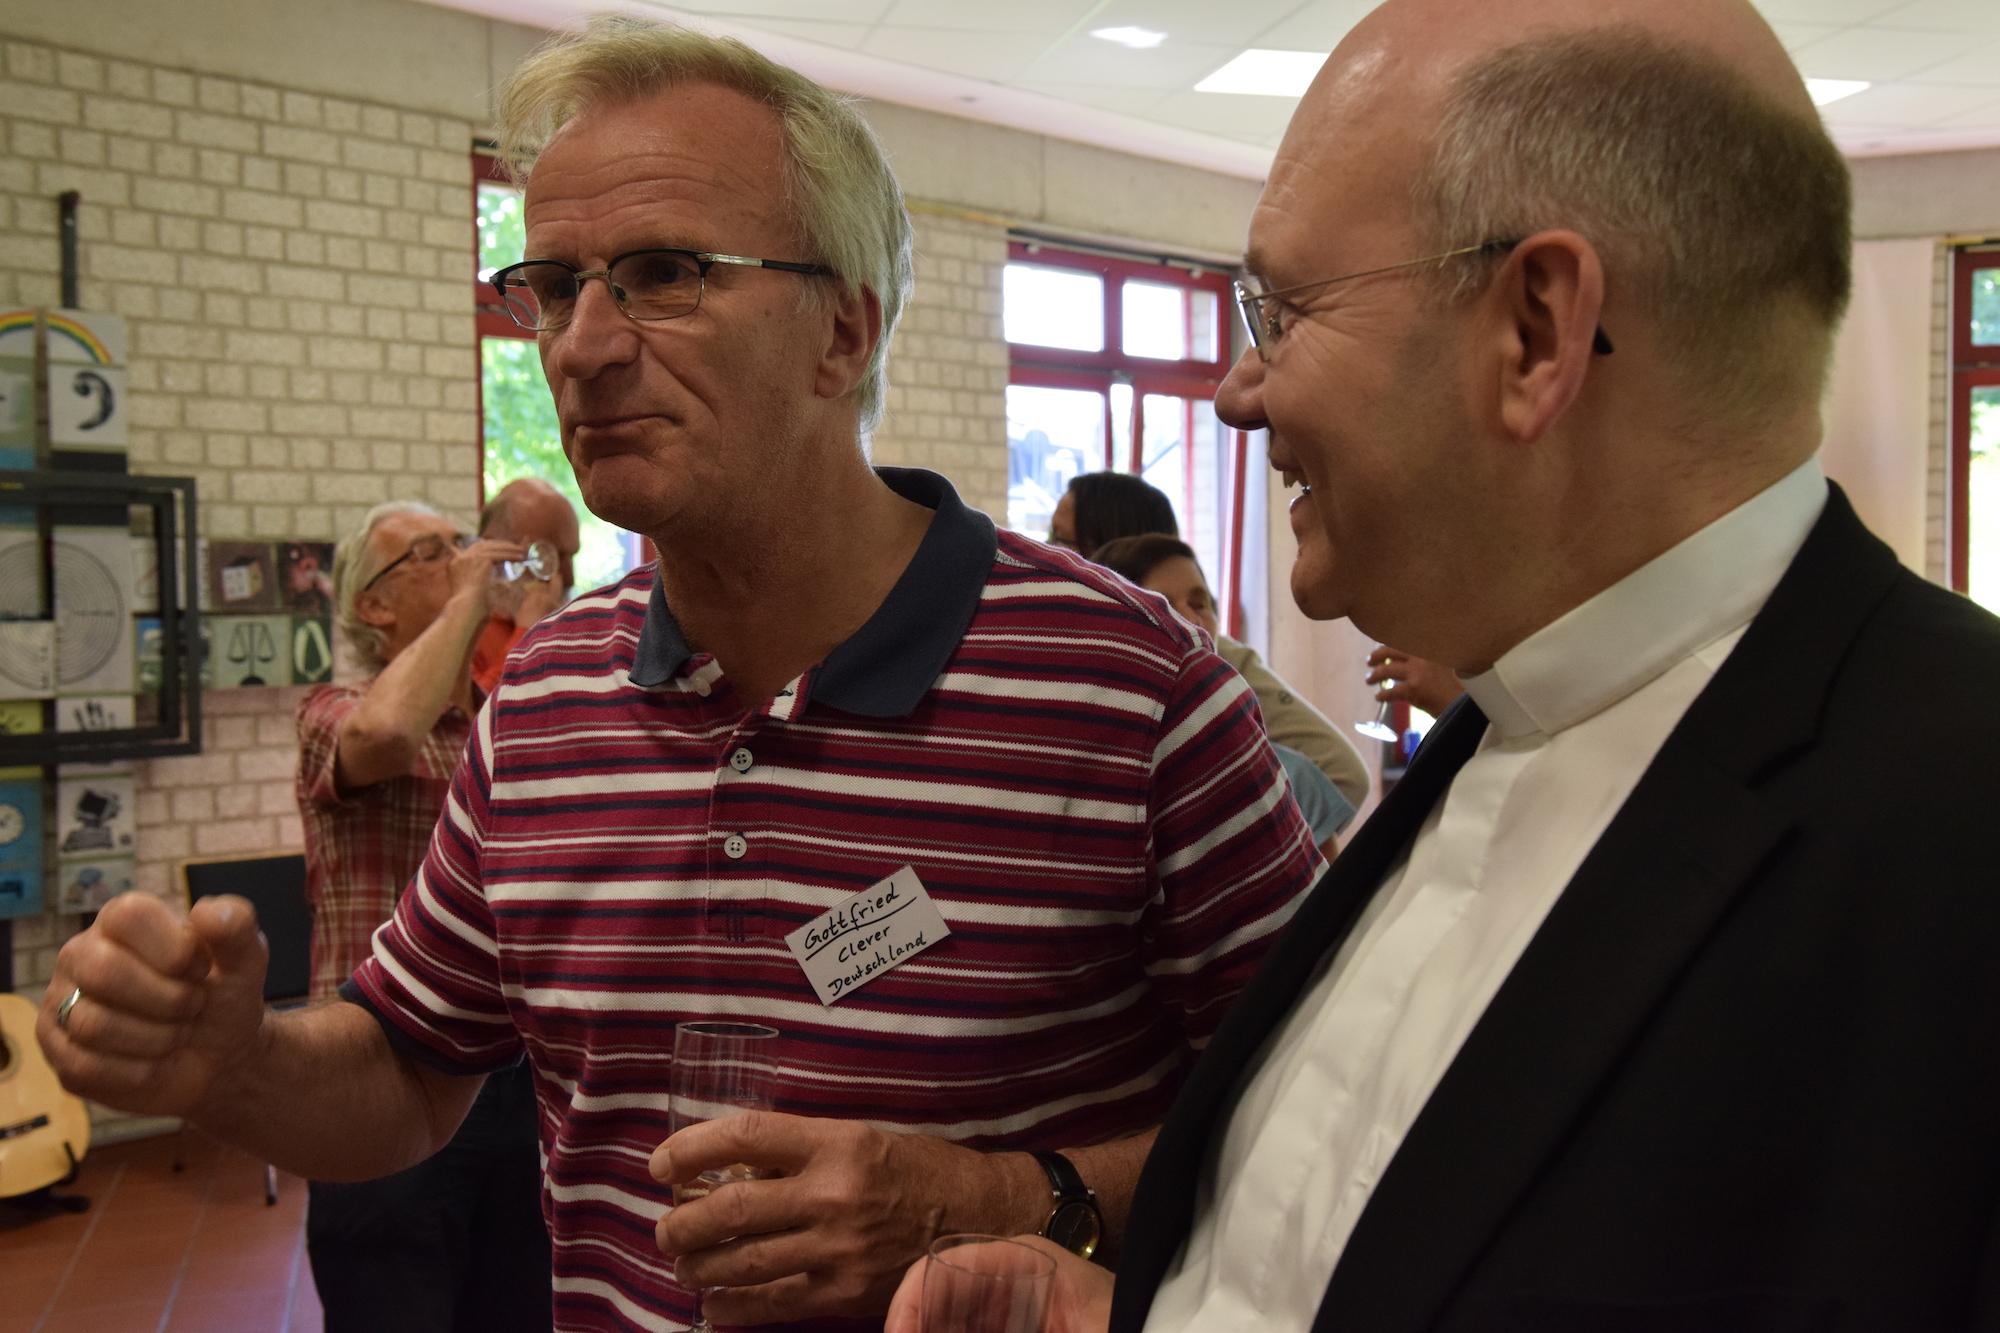 Was durch vieles trägt, ist neben Gottvertrauen auch der Humor: Bischof Helmut Dieser hört bei einer Stippvisite im Nell-Breuning-Haus einen Witz von Gottfried Klever (links). (c) Thomas Hohenschue